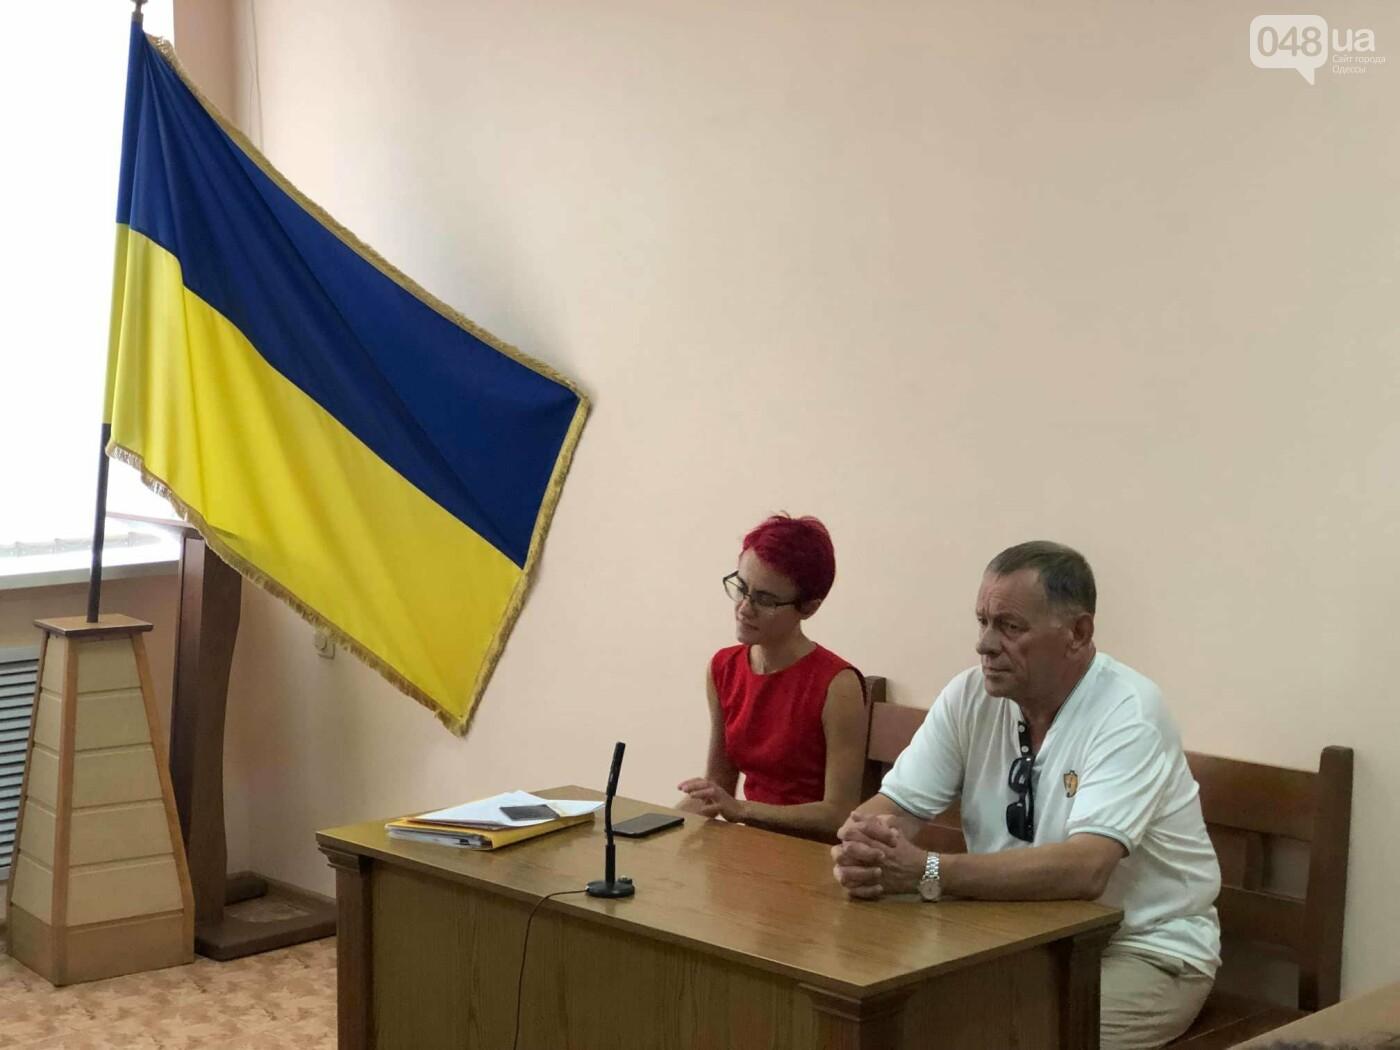 Фигурант по делу Гандзюк не явился на заседание суда в Одессе